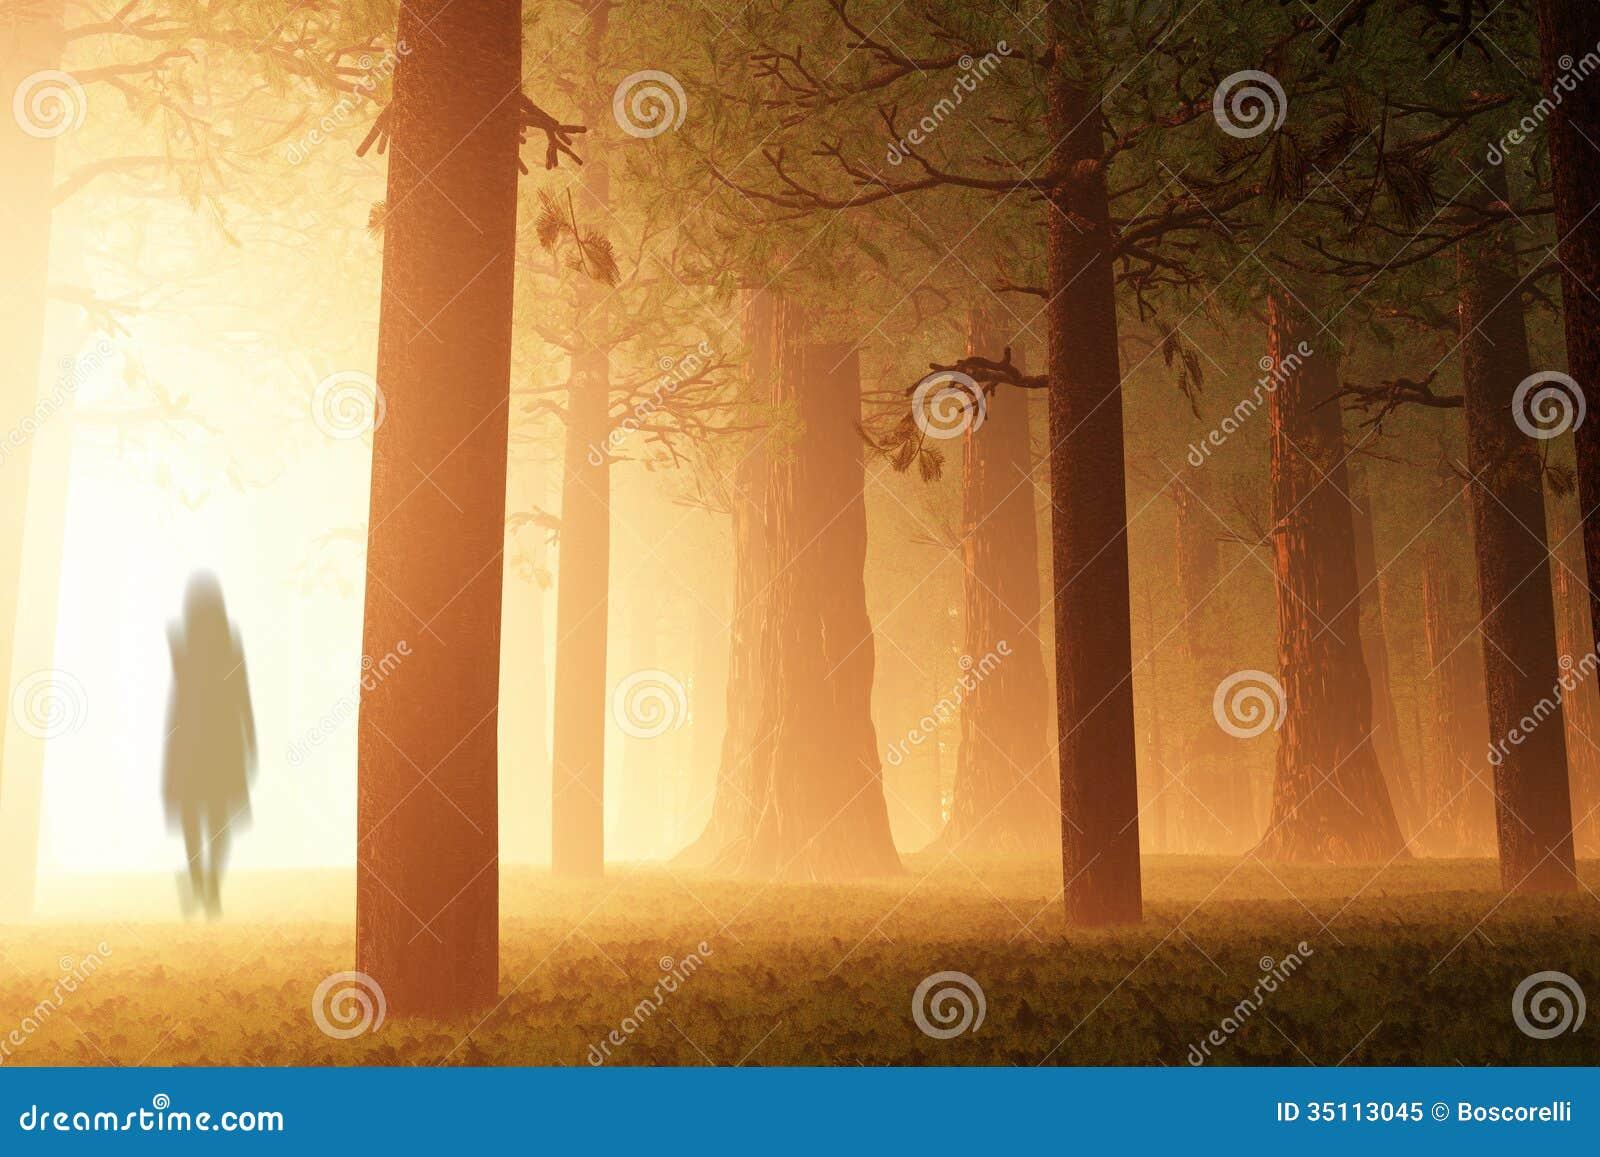 Magisch Forest Ghost